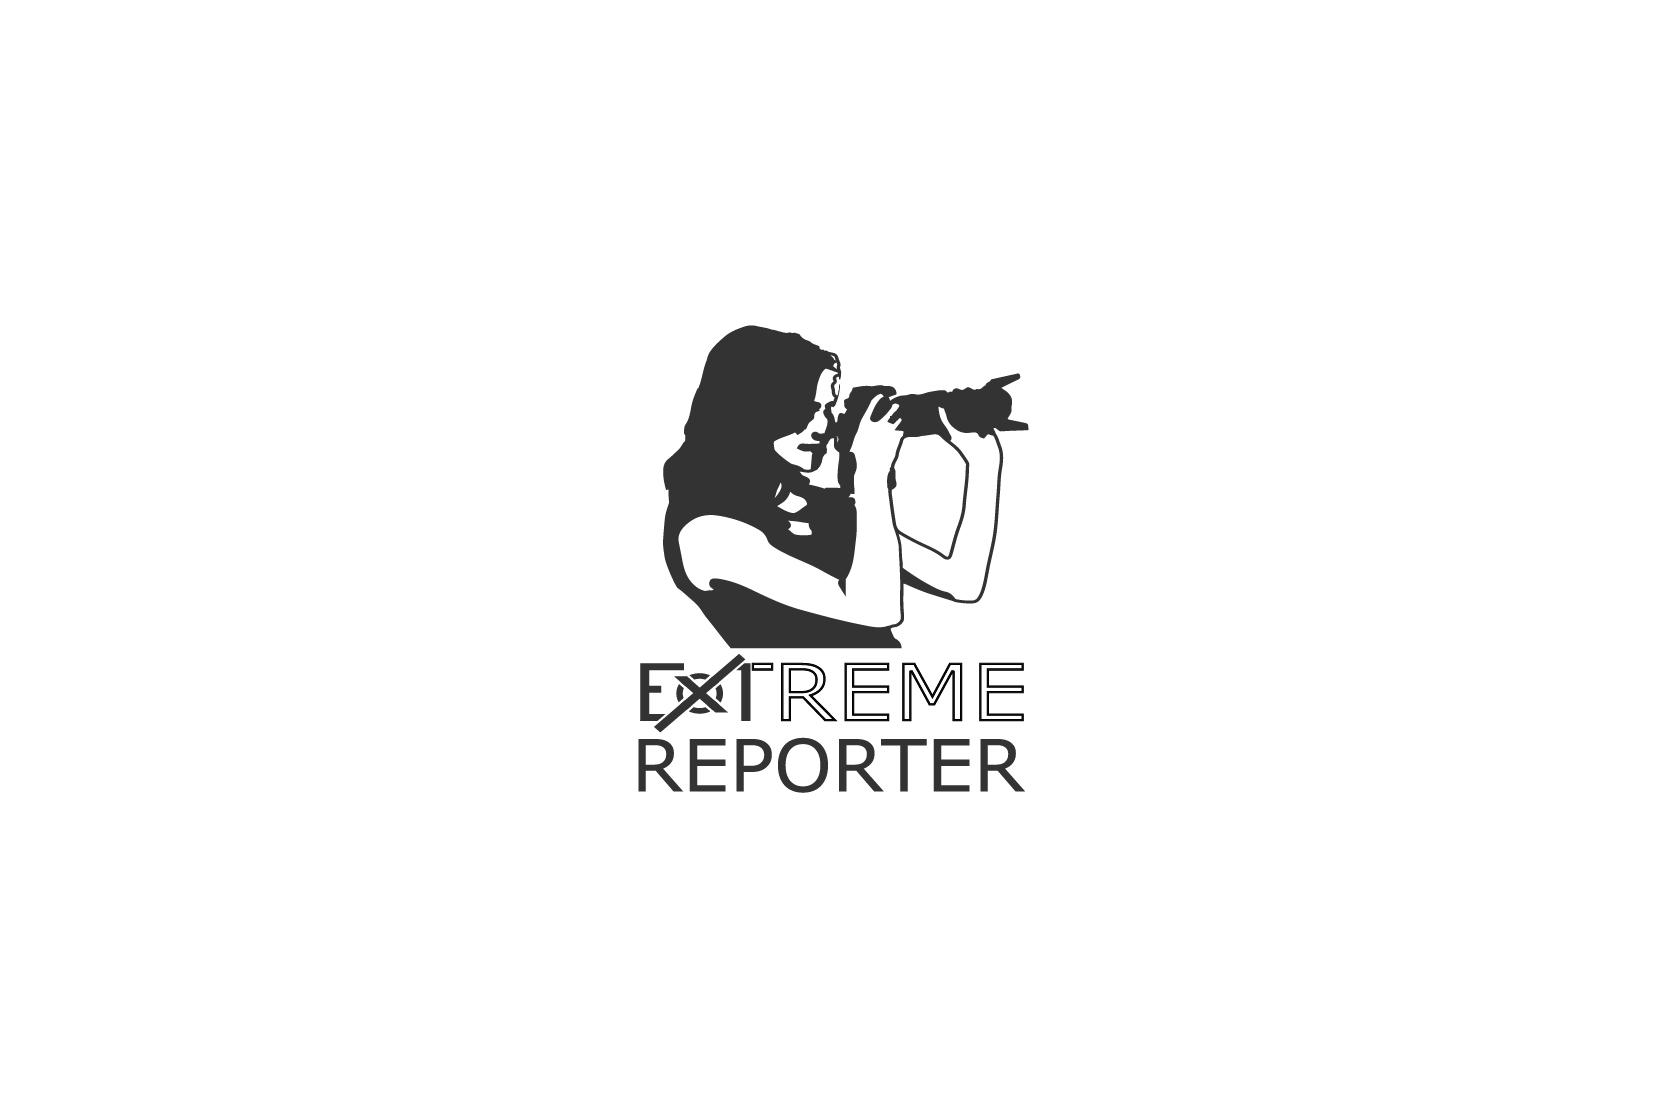 Логотип для экстрим фотографа.  фото f_0695a534fdbe6f8d.jpg